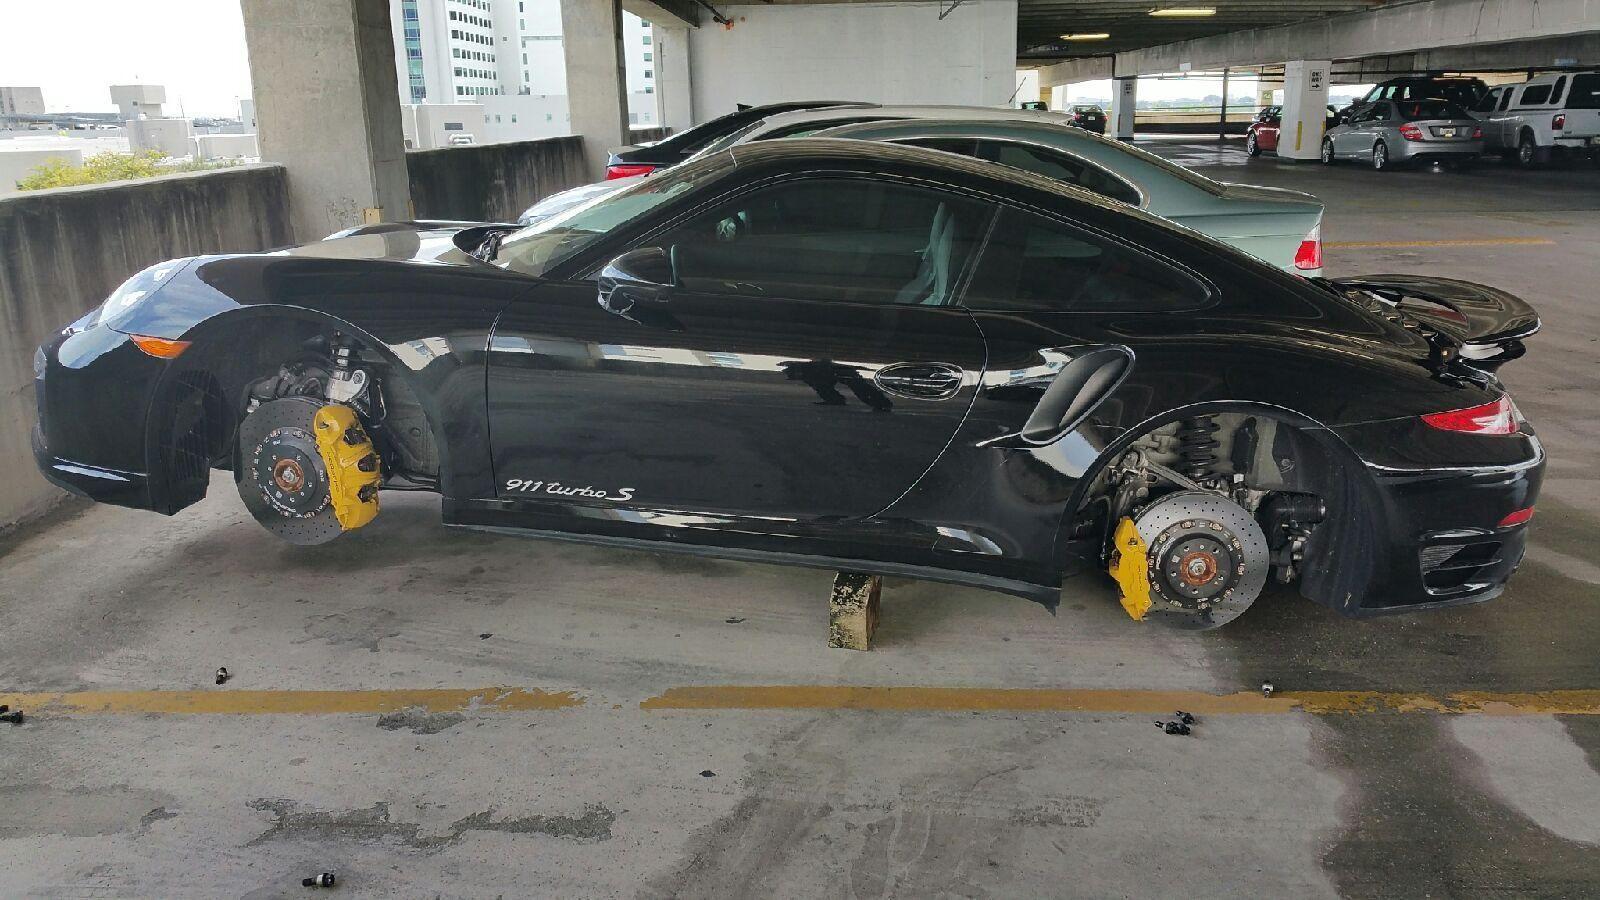 Porsche 911 Turbo S Has Wheels Stolen In Florida Left On